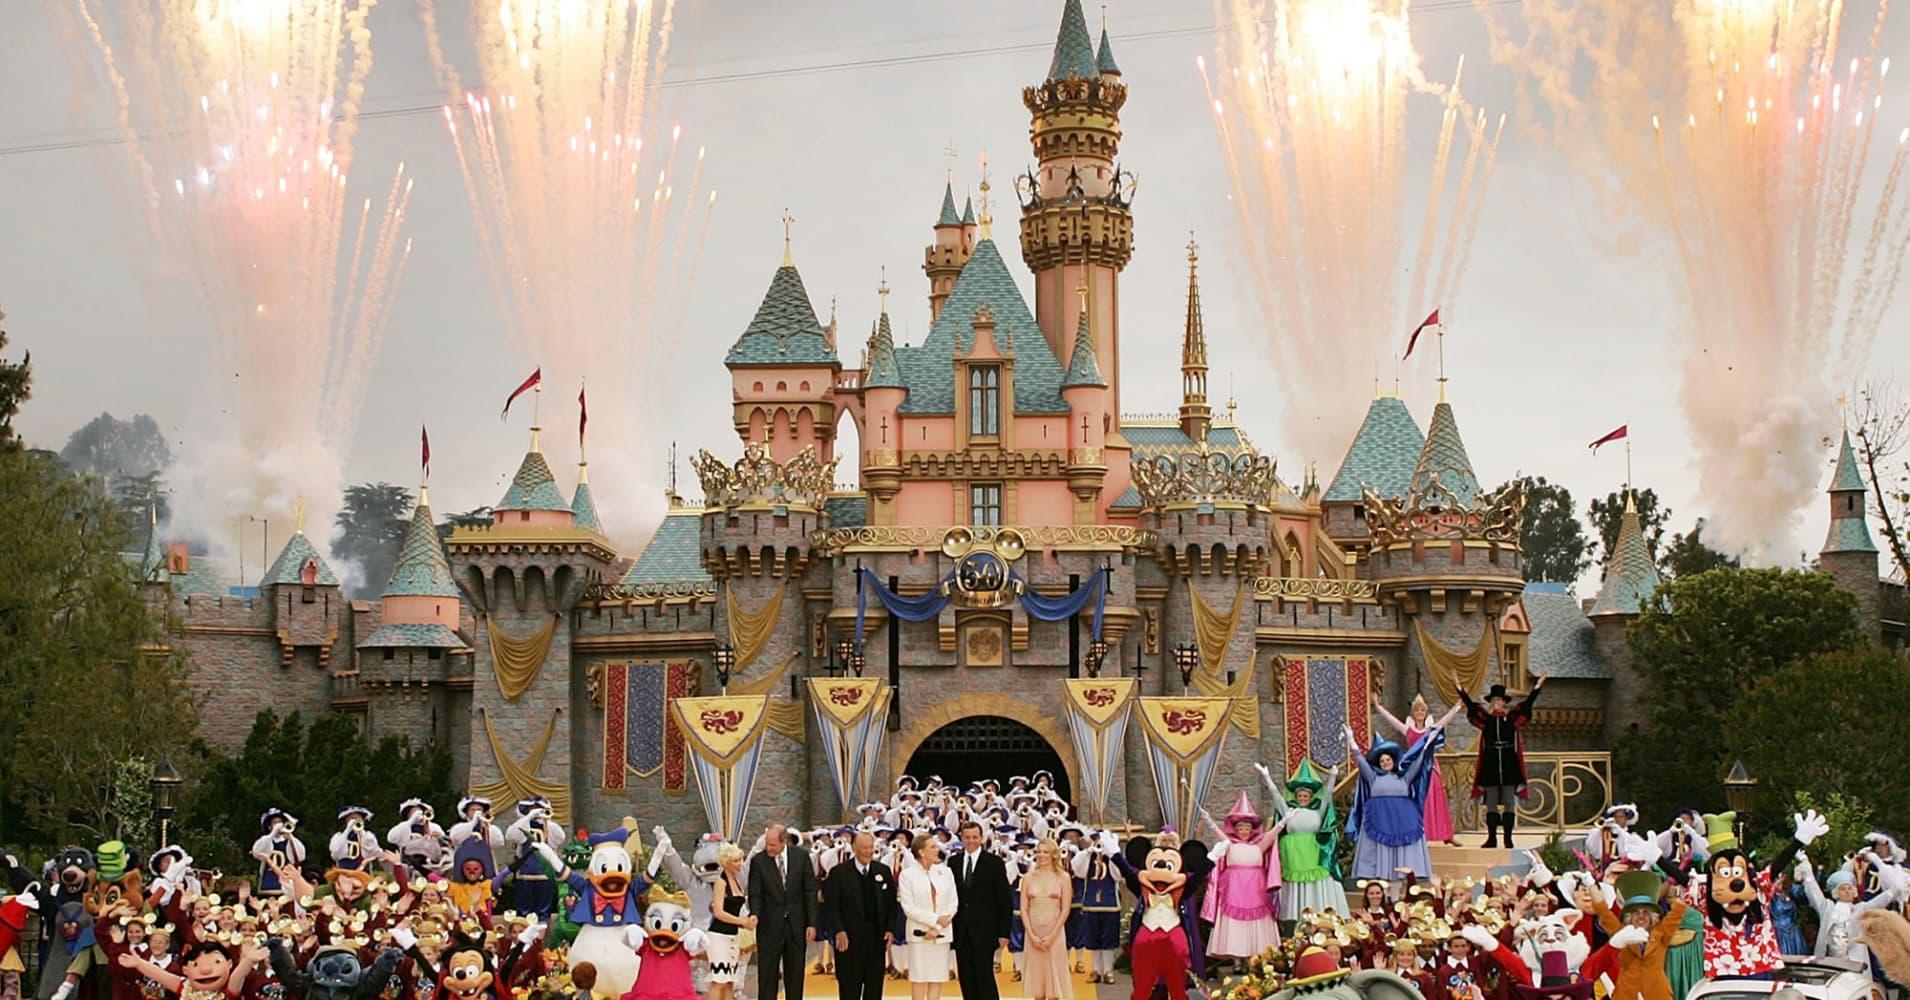 Disneyland castle in Anaheim, California